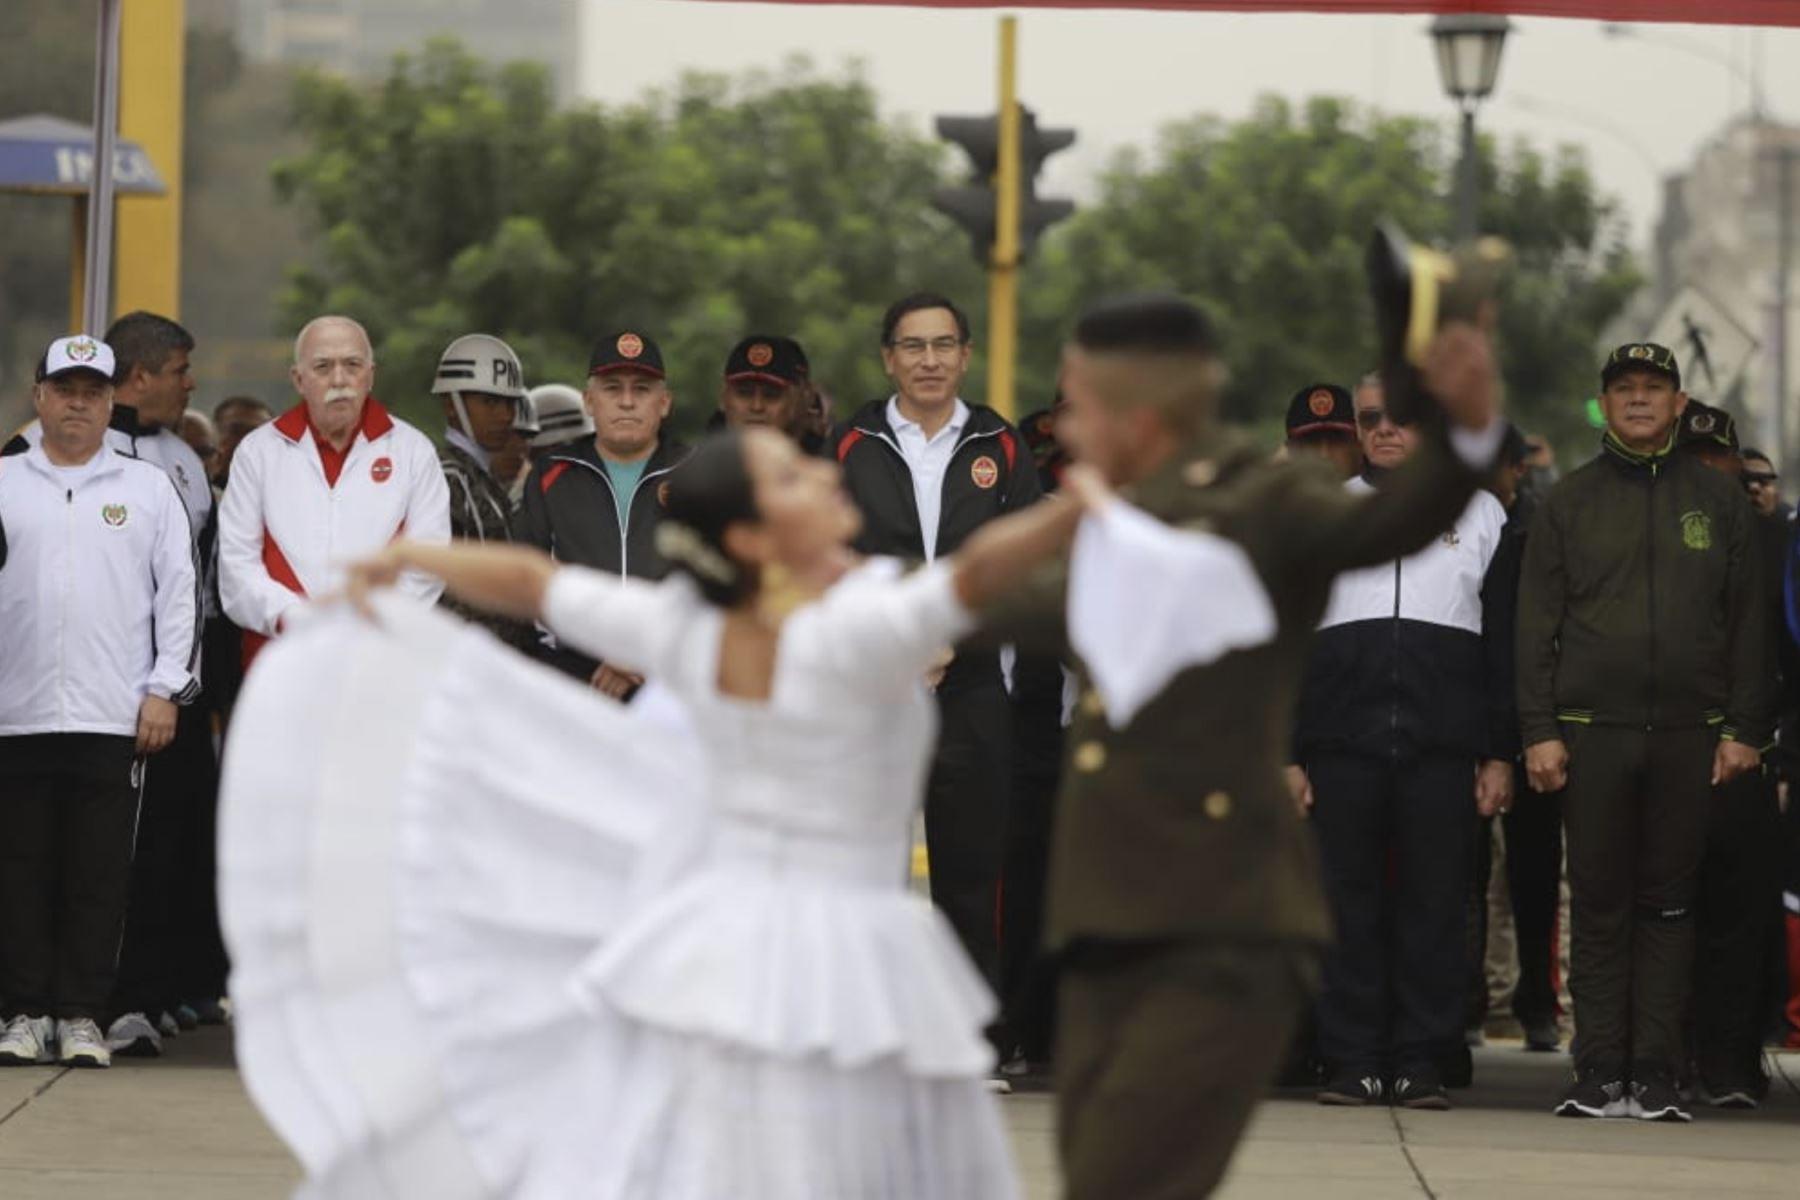 El presidente de la República, Martín Vizcarra, participa en la ceremonia de inicio de la XVII edición de la Carrera Cívico Militar 7.5K, la cual forma parte de las actividades por el Día de las Fuerzas Armadas. Foto: ANDINA/Prensa Presidencia